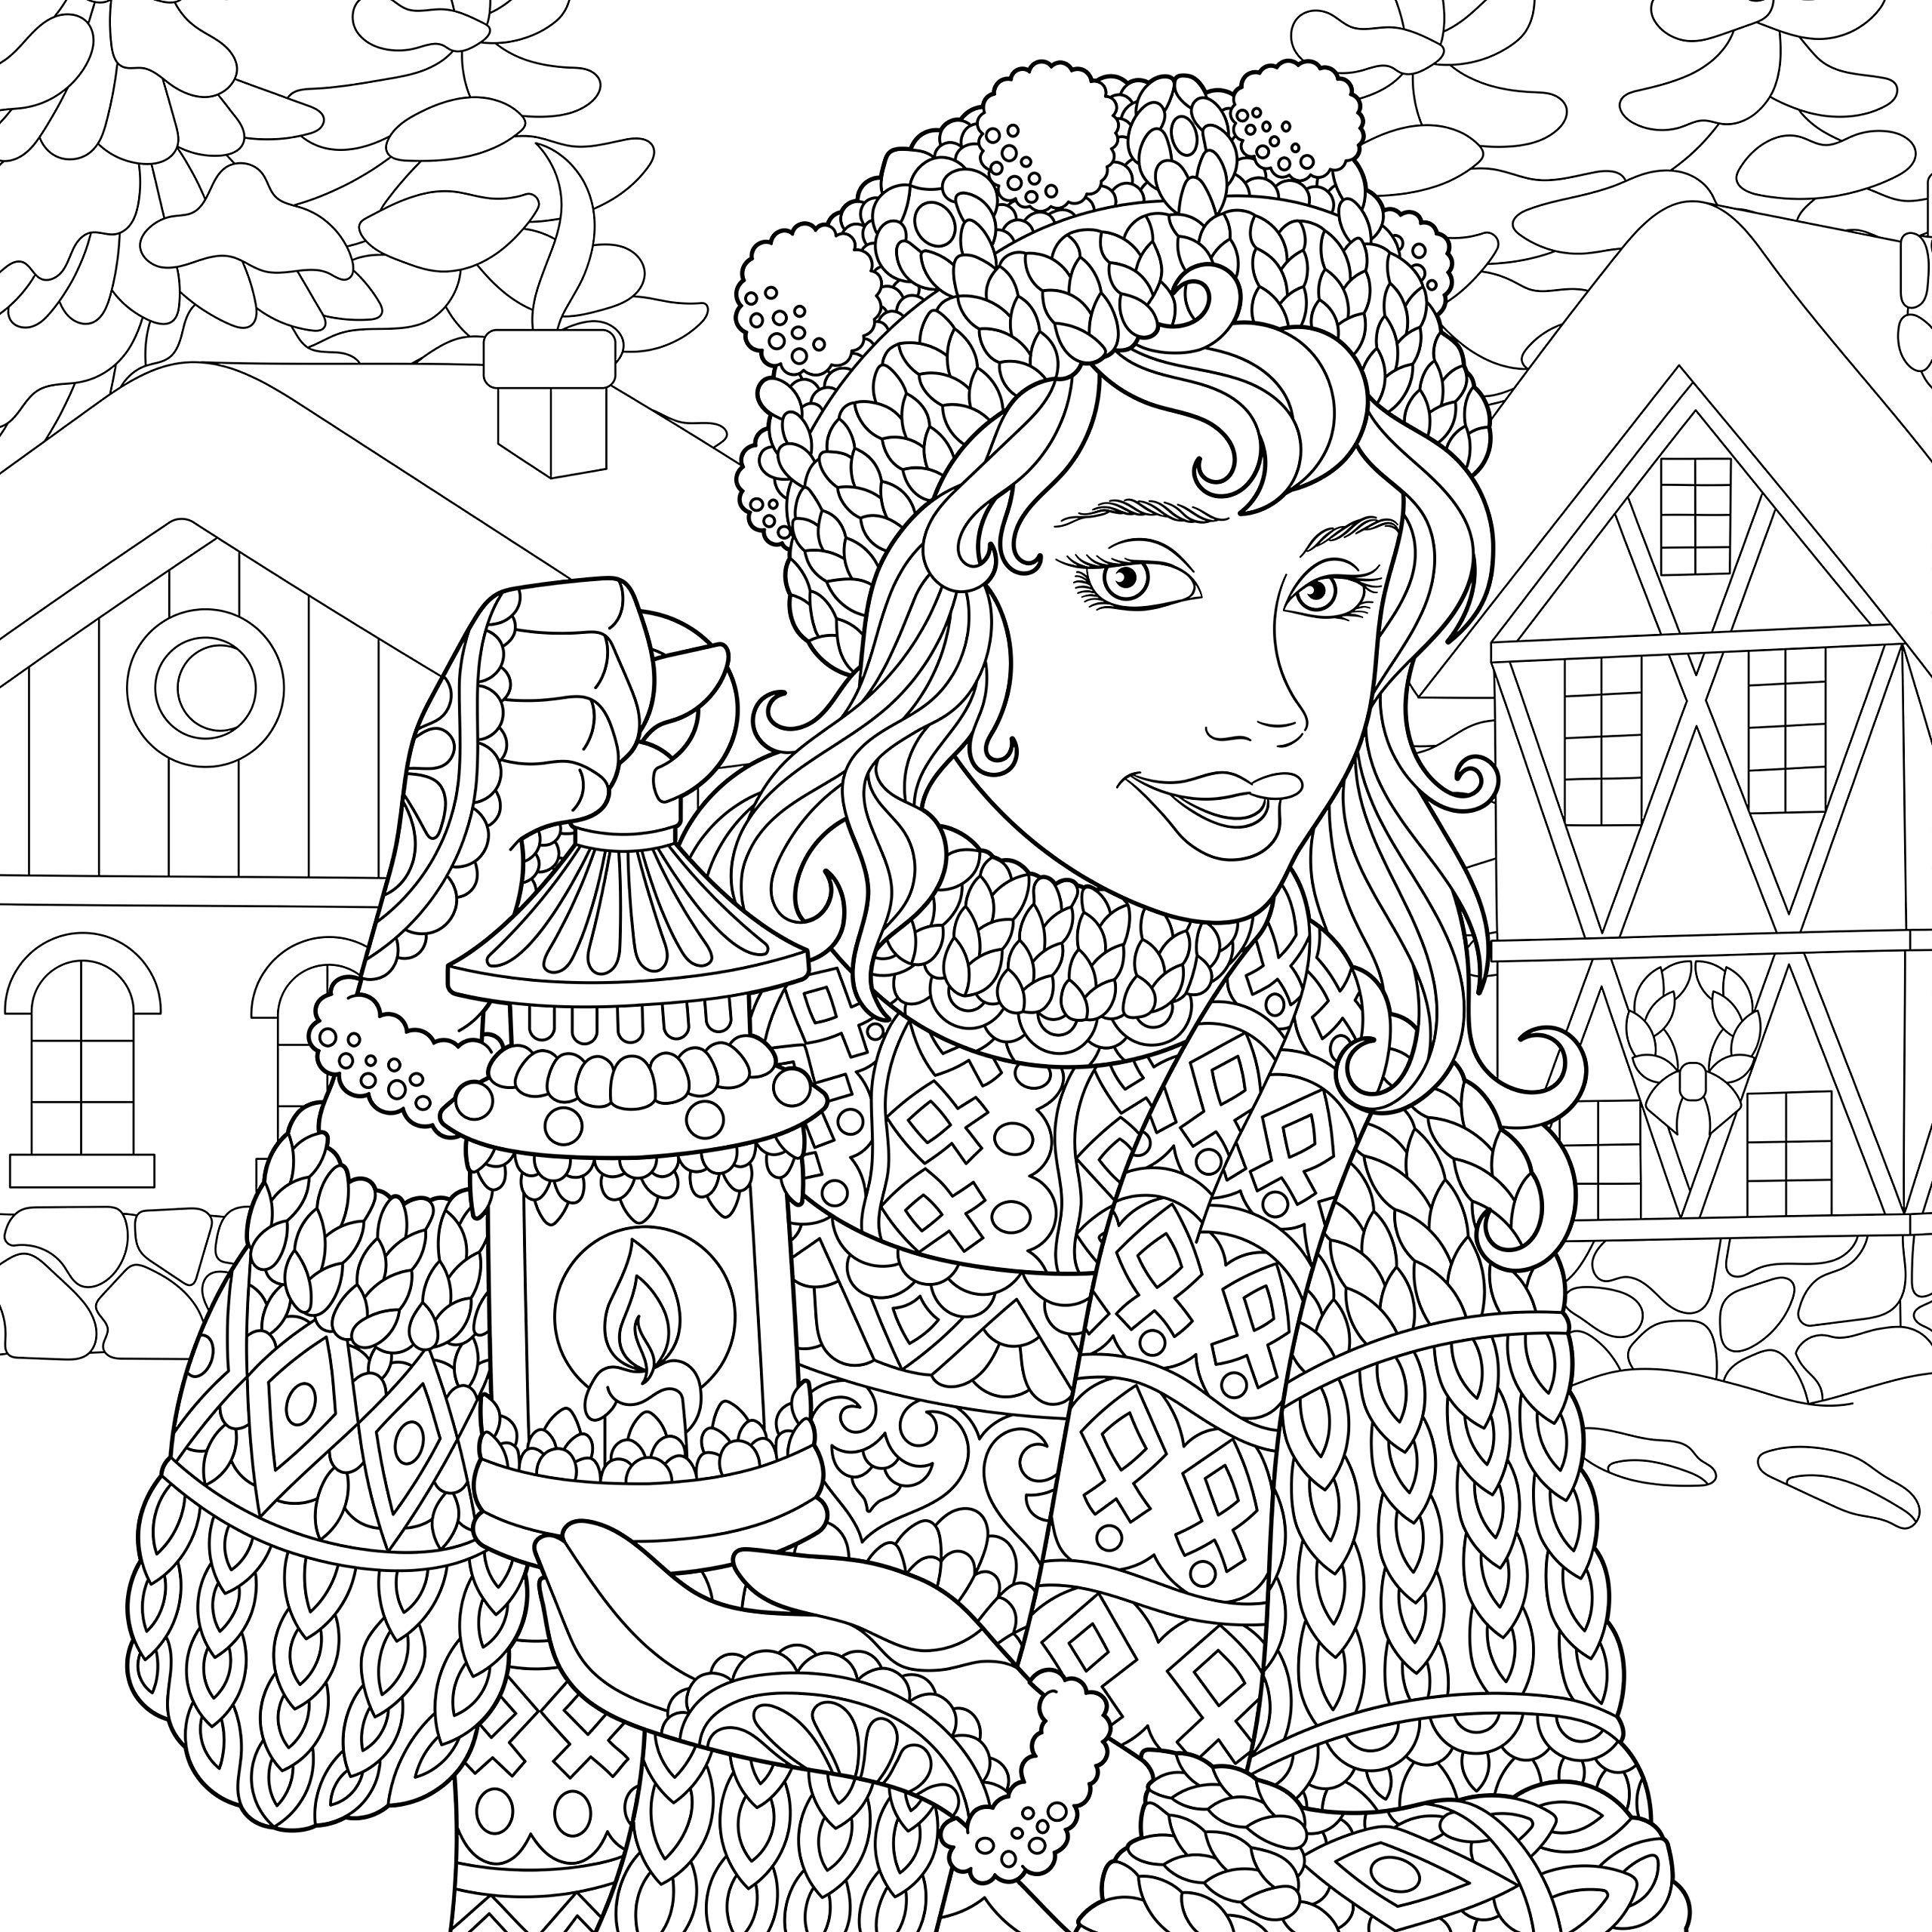 Снегурочка - Новый год   Раскраски мандала, Раскраски ...